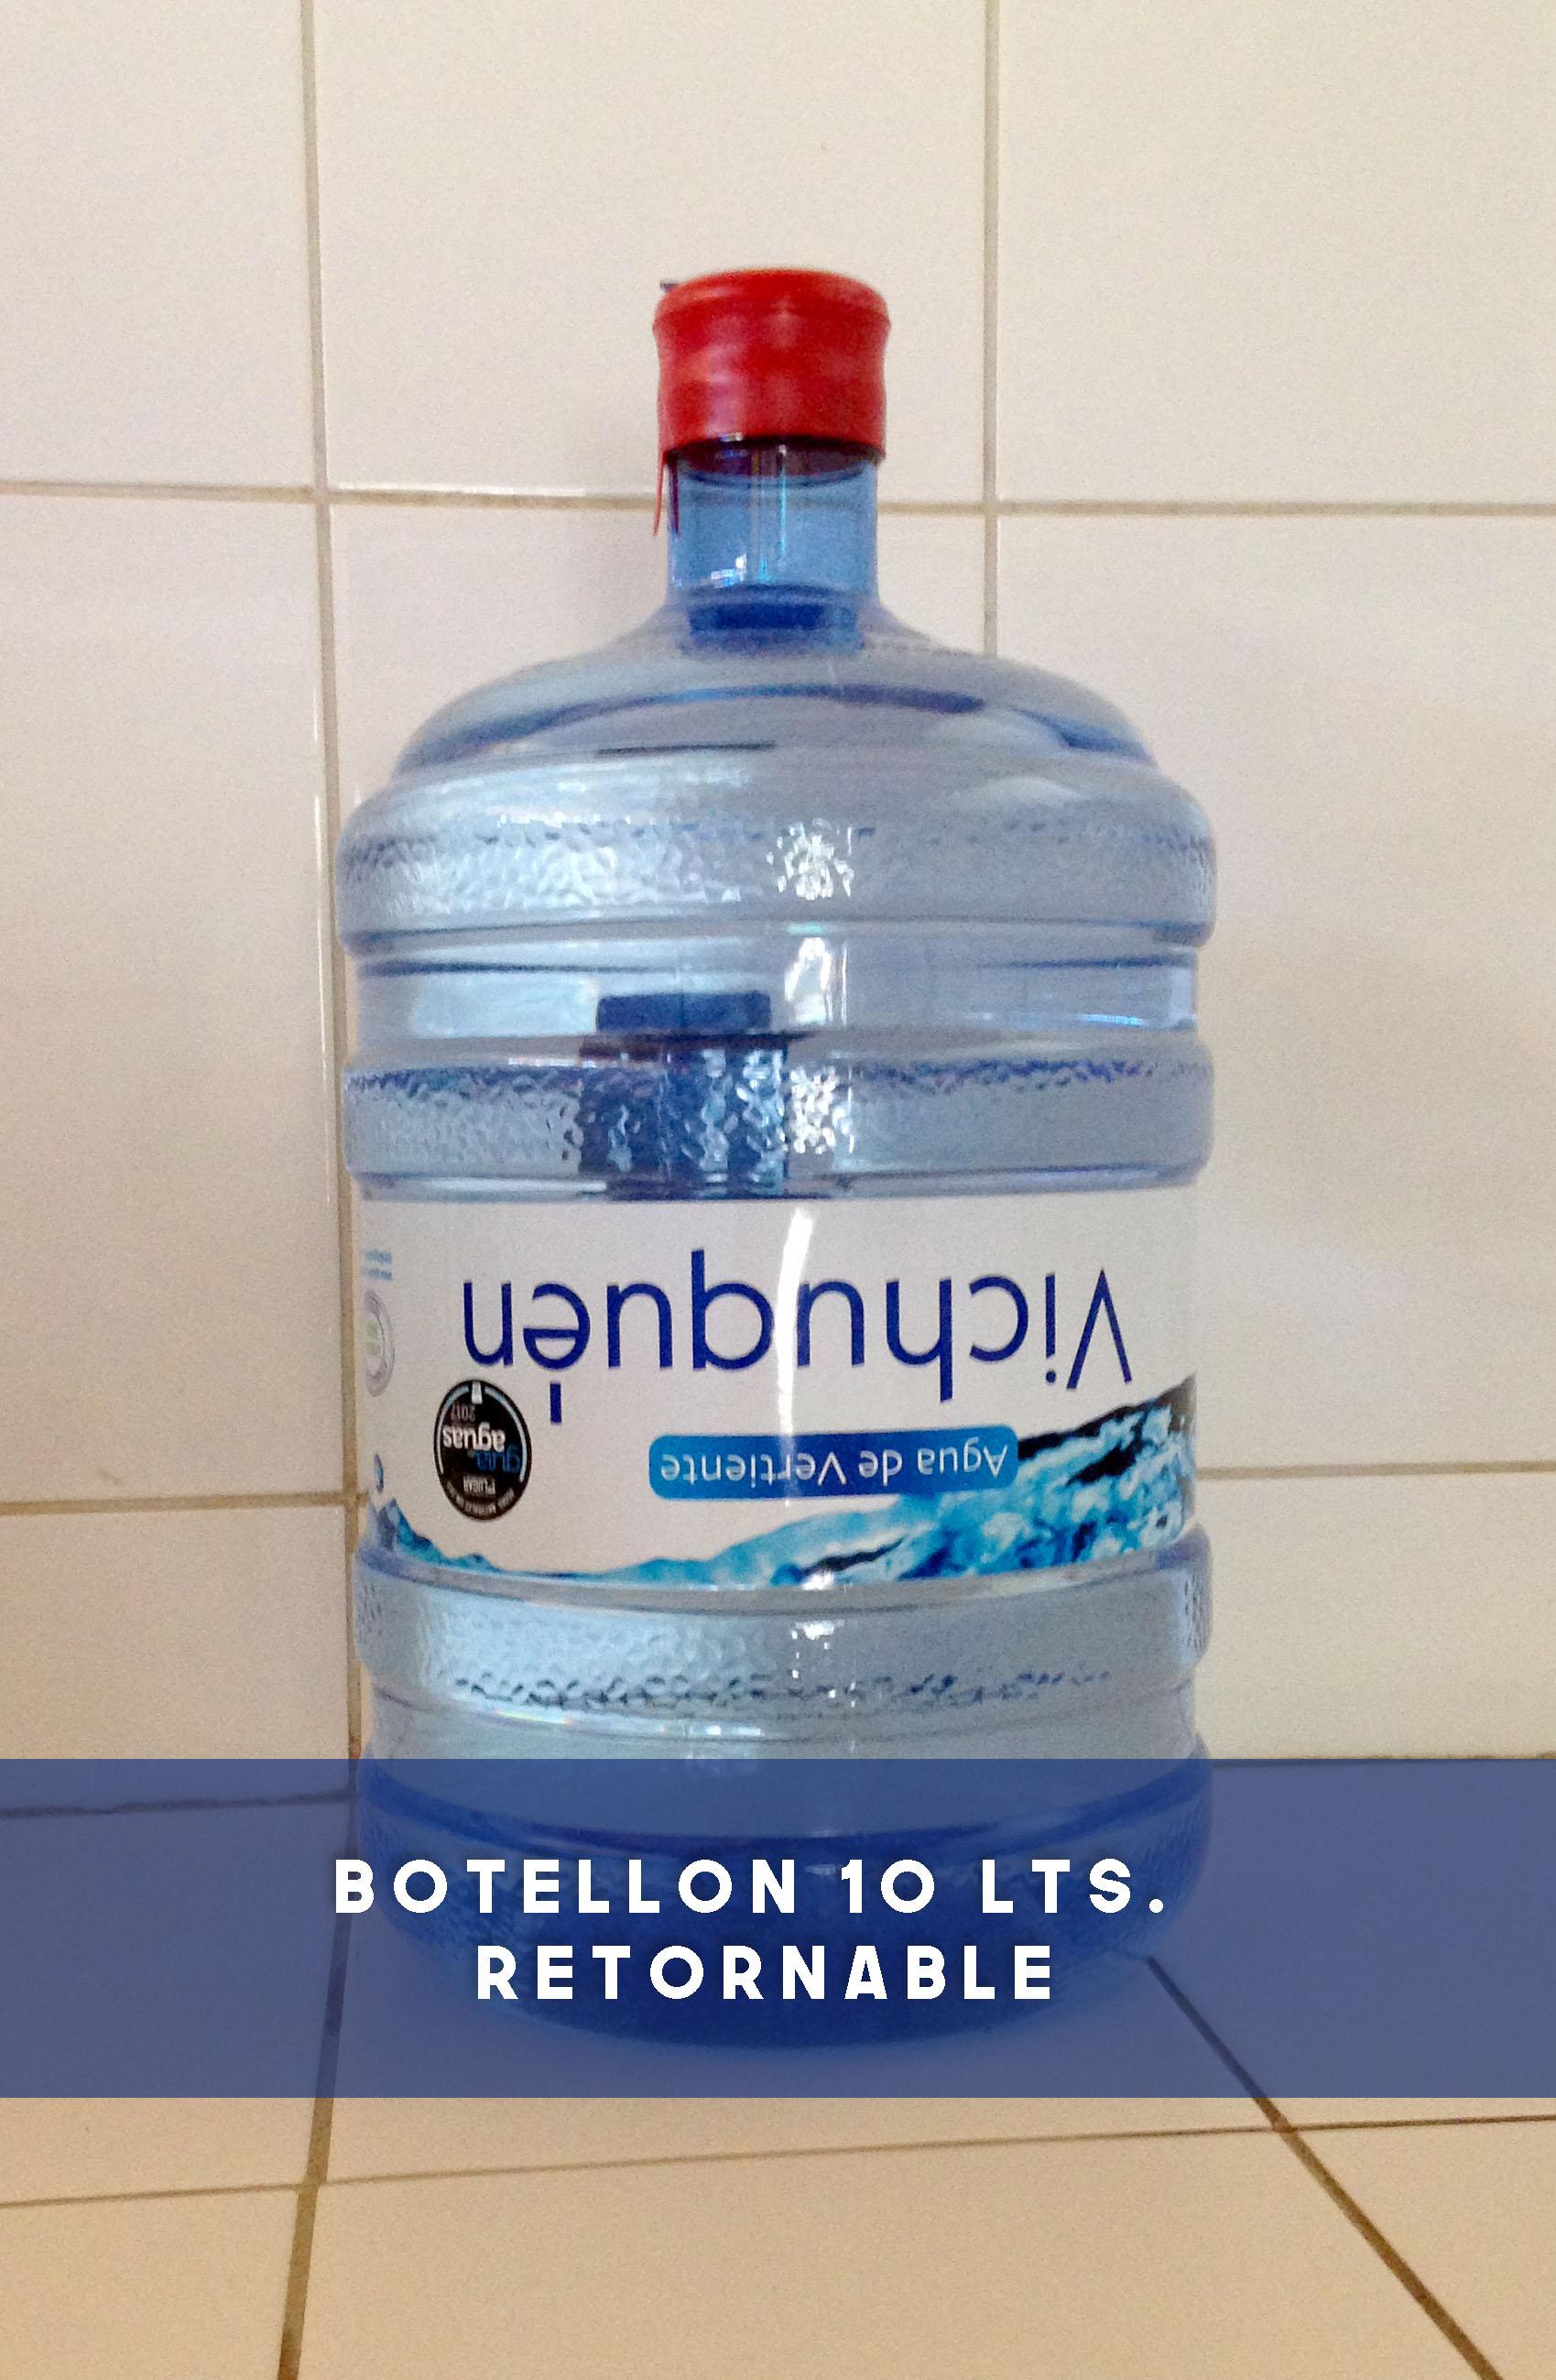 Botellon 10 Lts. Retornable